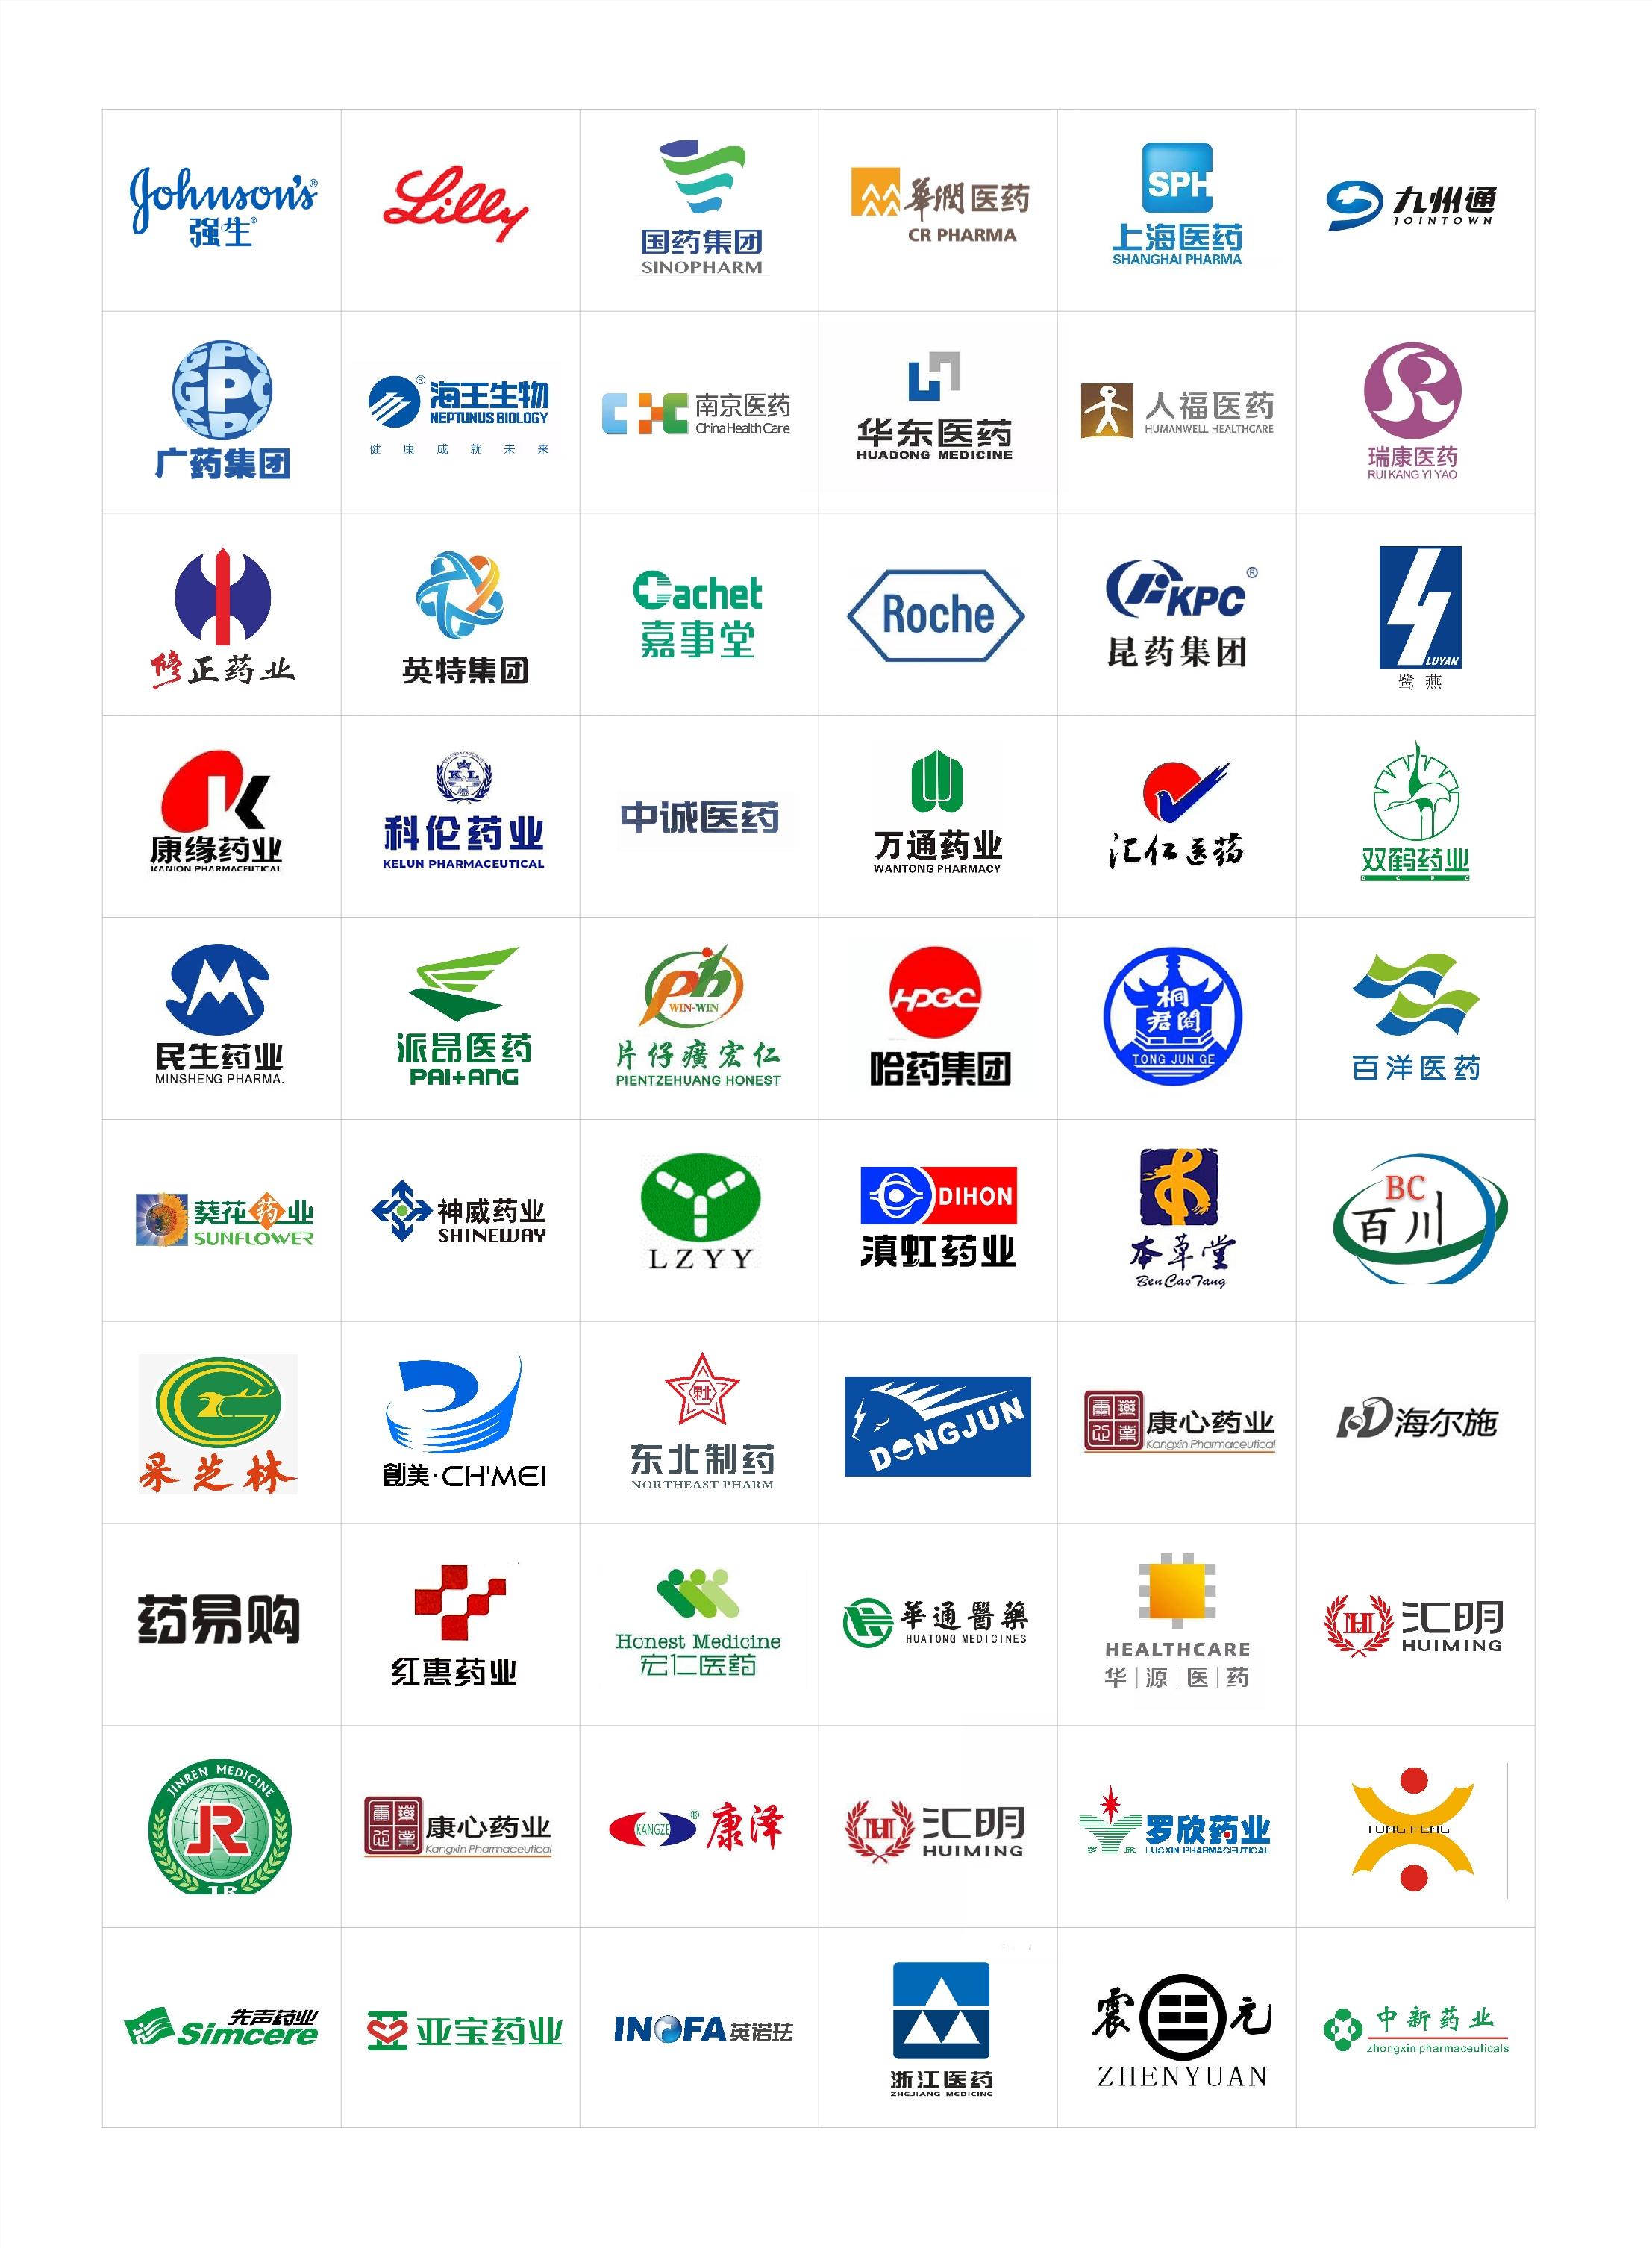 2021第八届全球供应链大会-医药峰会